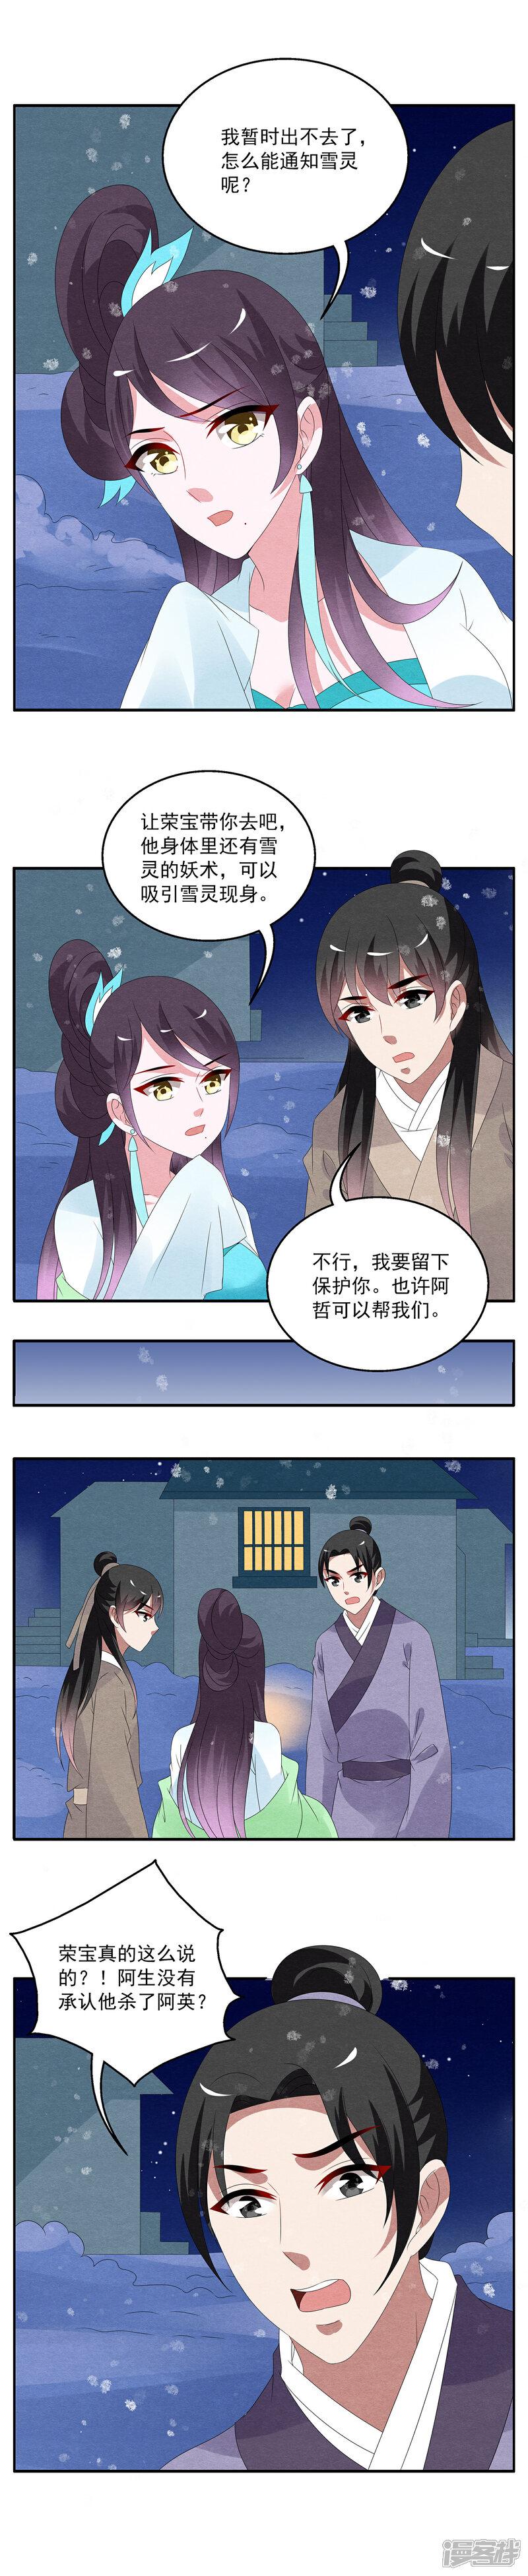 洛小妖98990010.JPG